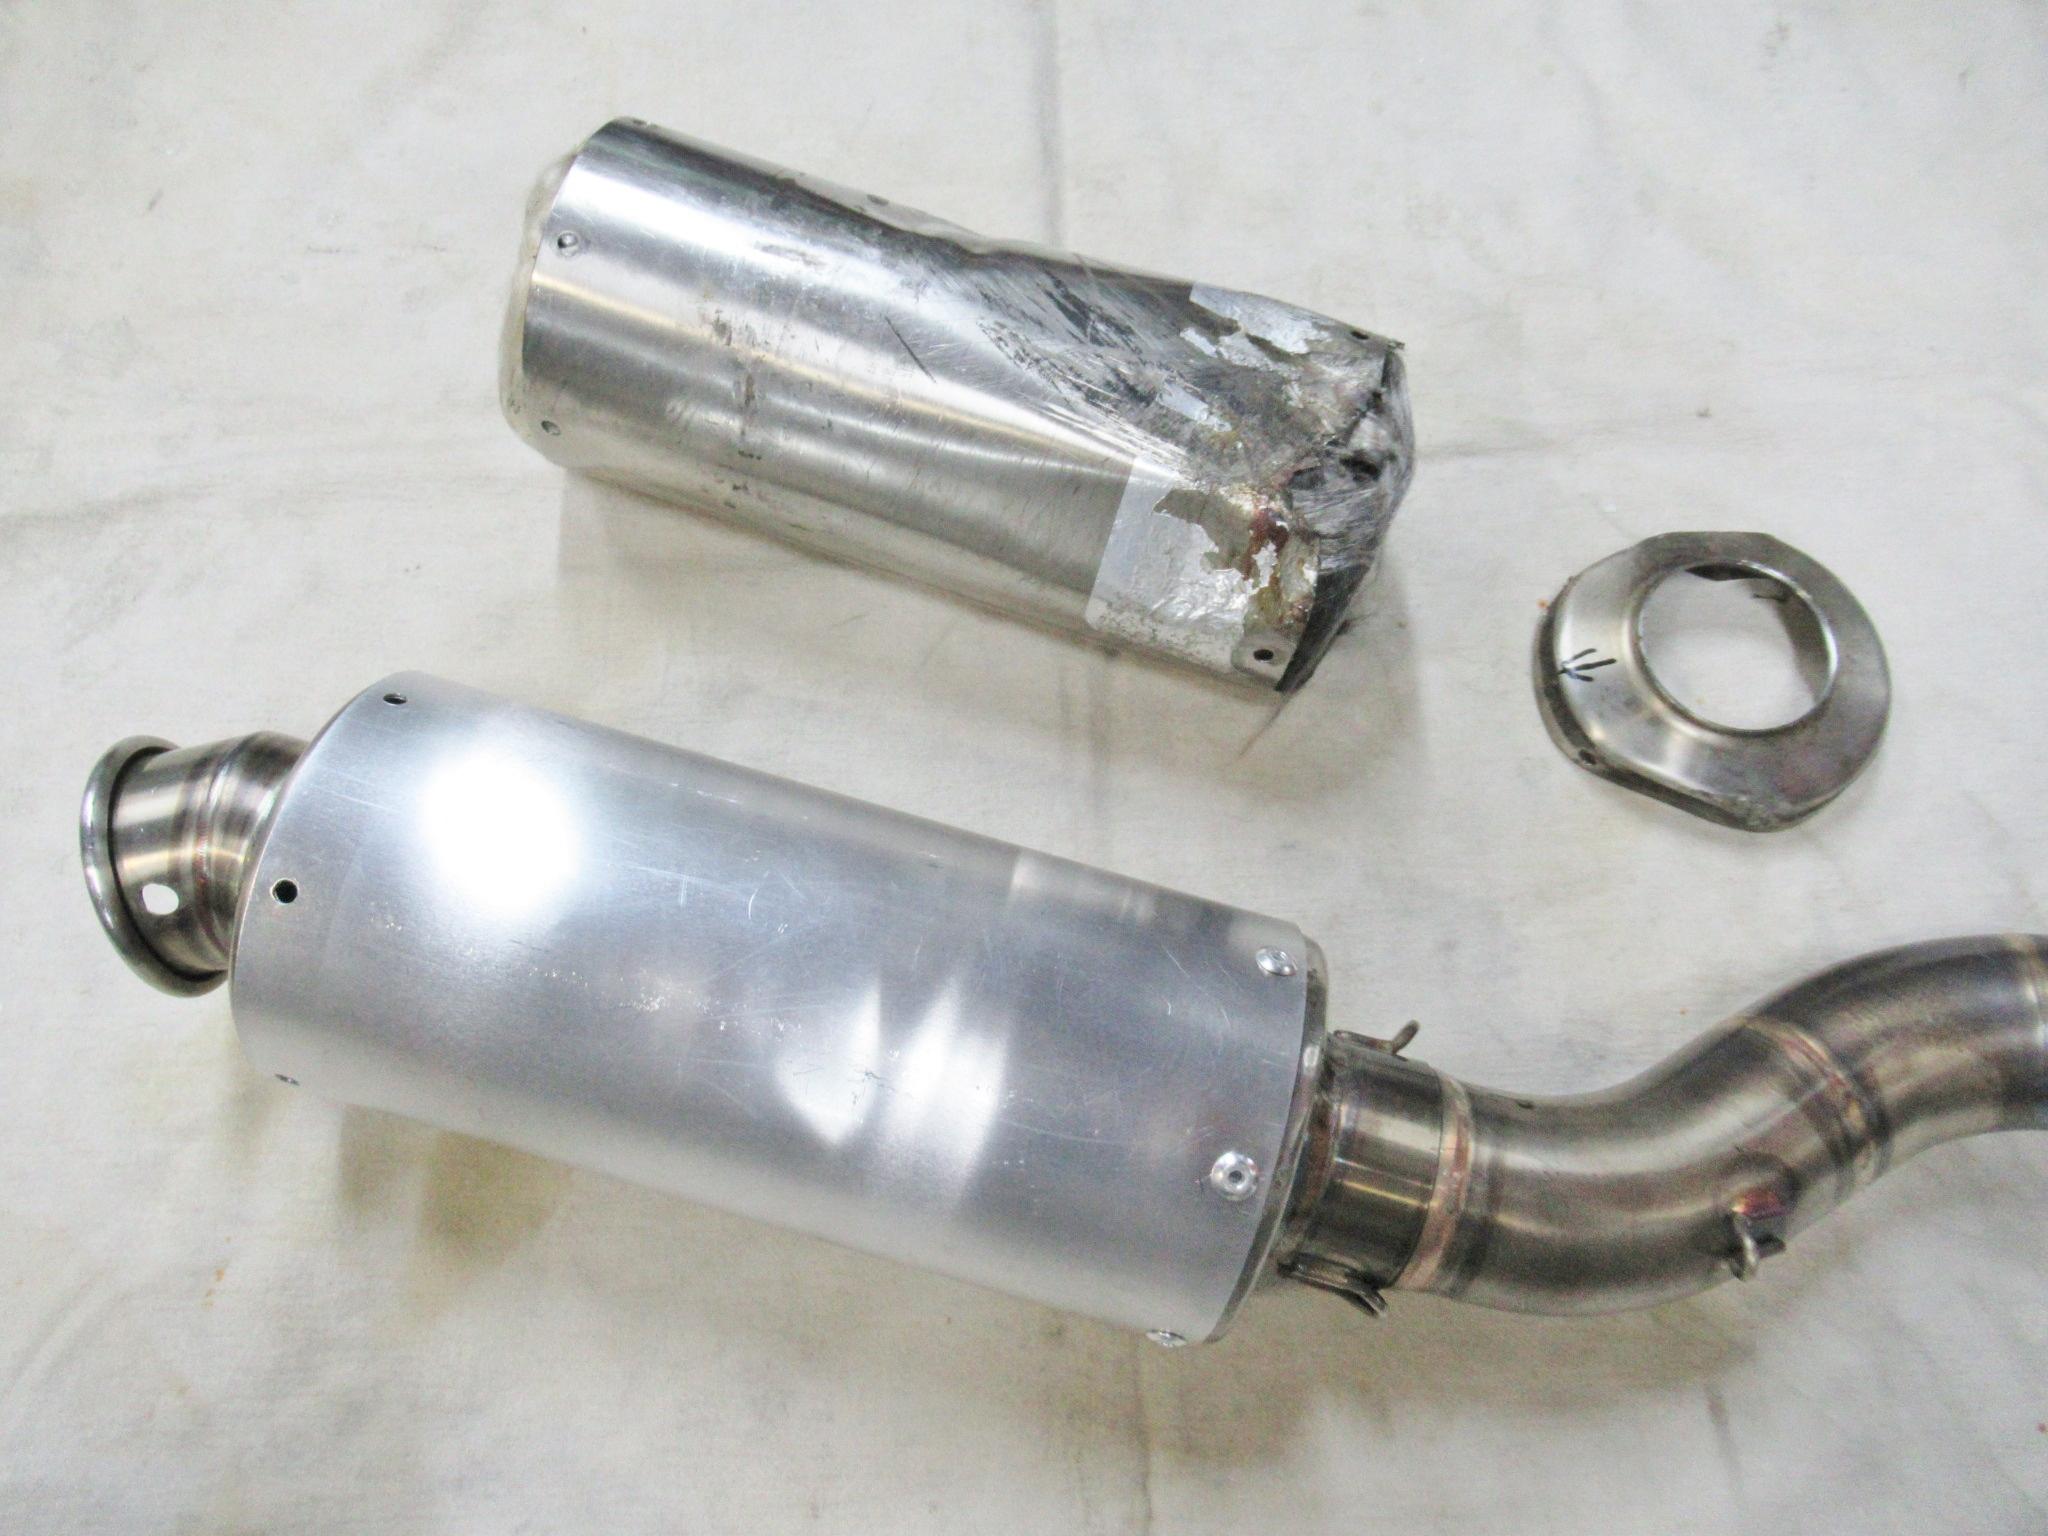 http://www.precious-factory.com/preciousfactory2010/IMG_0391.JPG